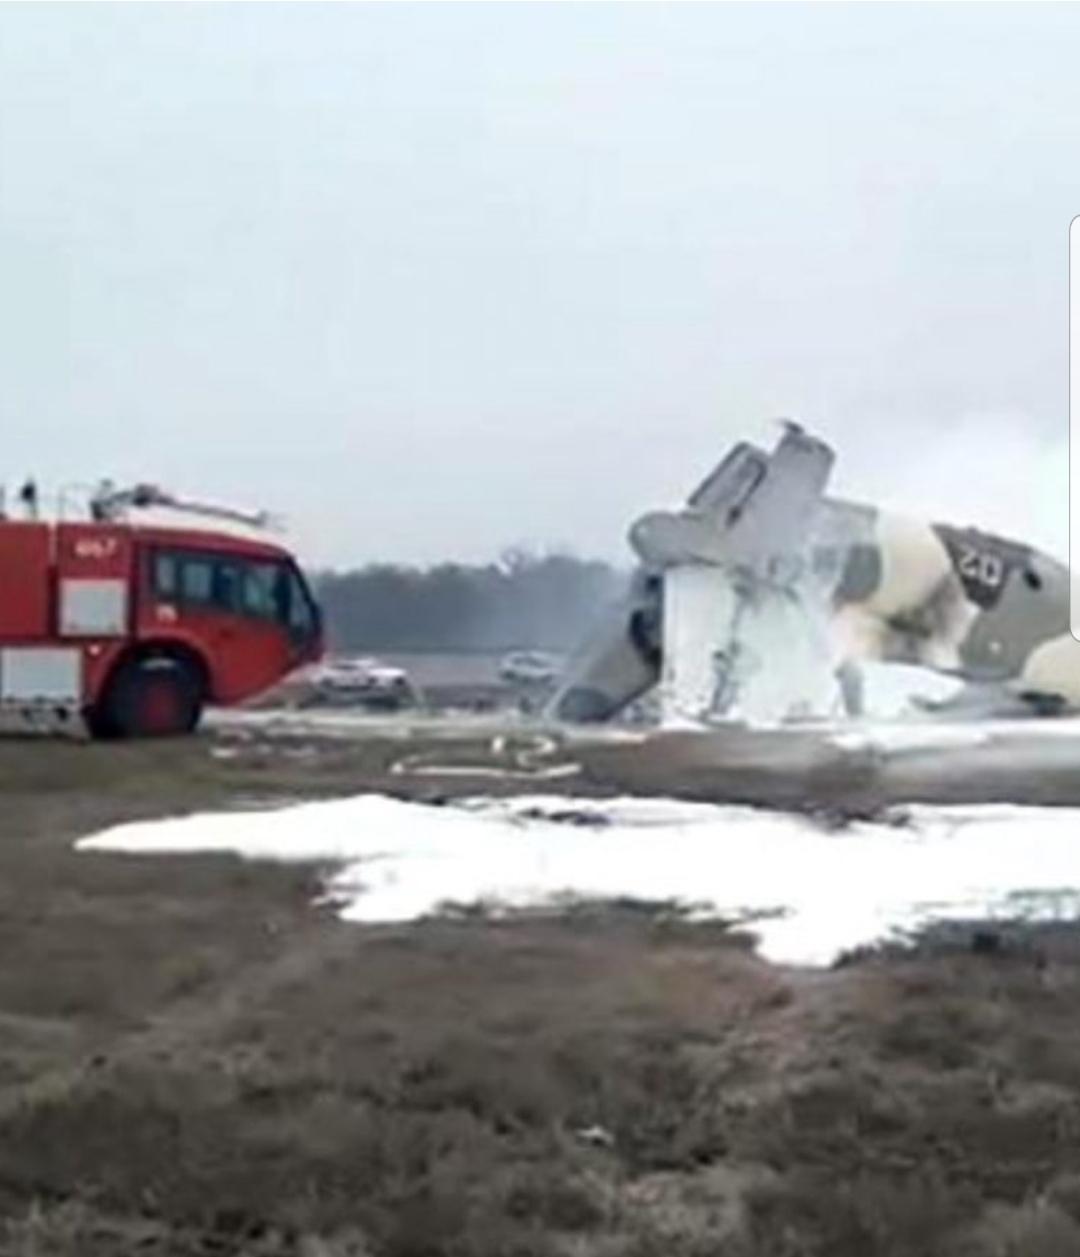 Un avion militar de transport Antonov AN-26 s-a prăbușit în Kazahstan. Există și supraviețuitori, printre cele șase persoane aflate la bord (VIDEO)